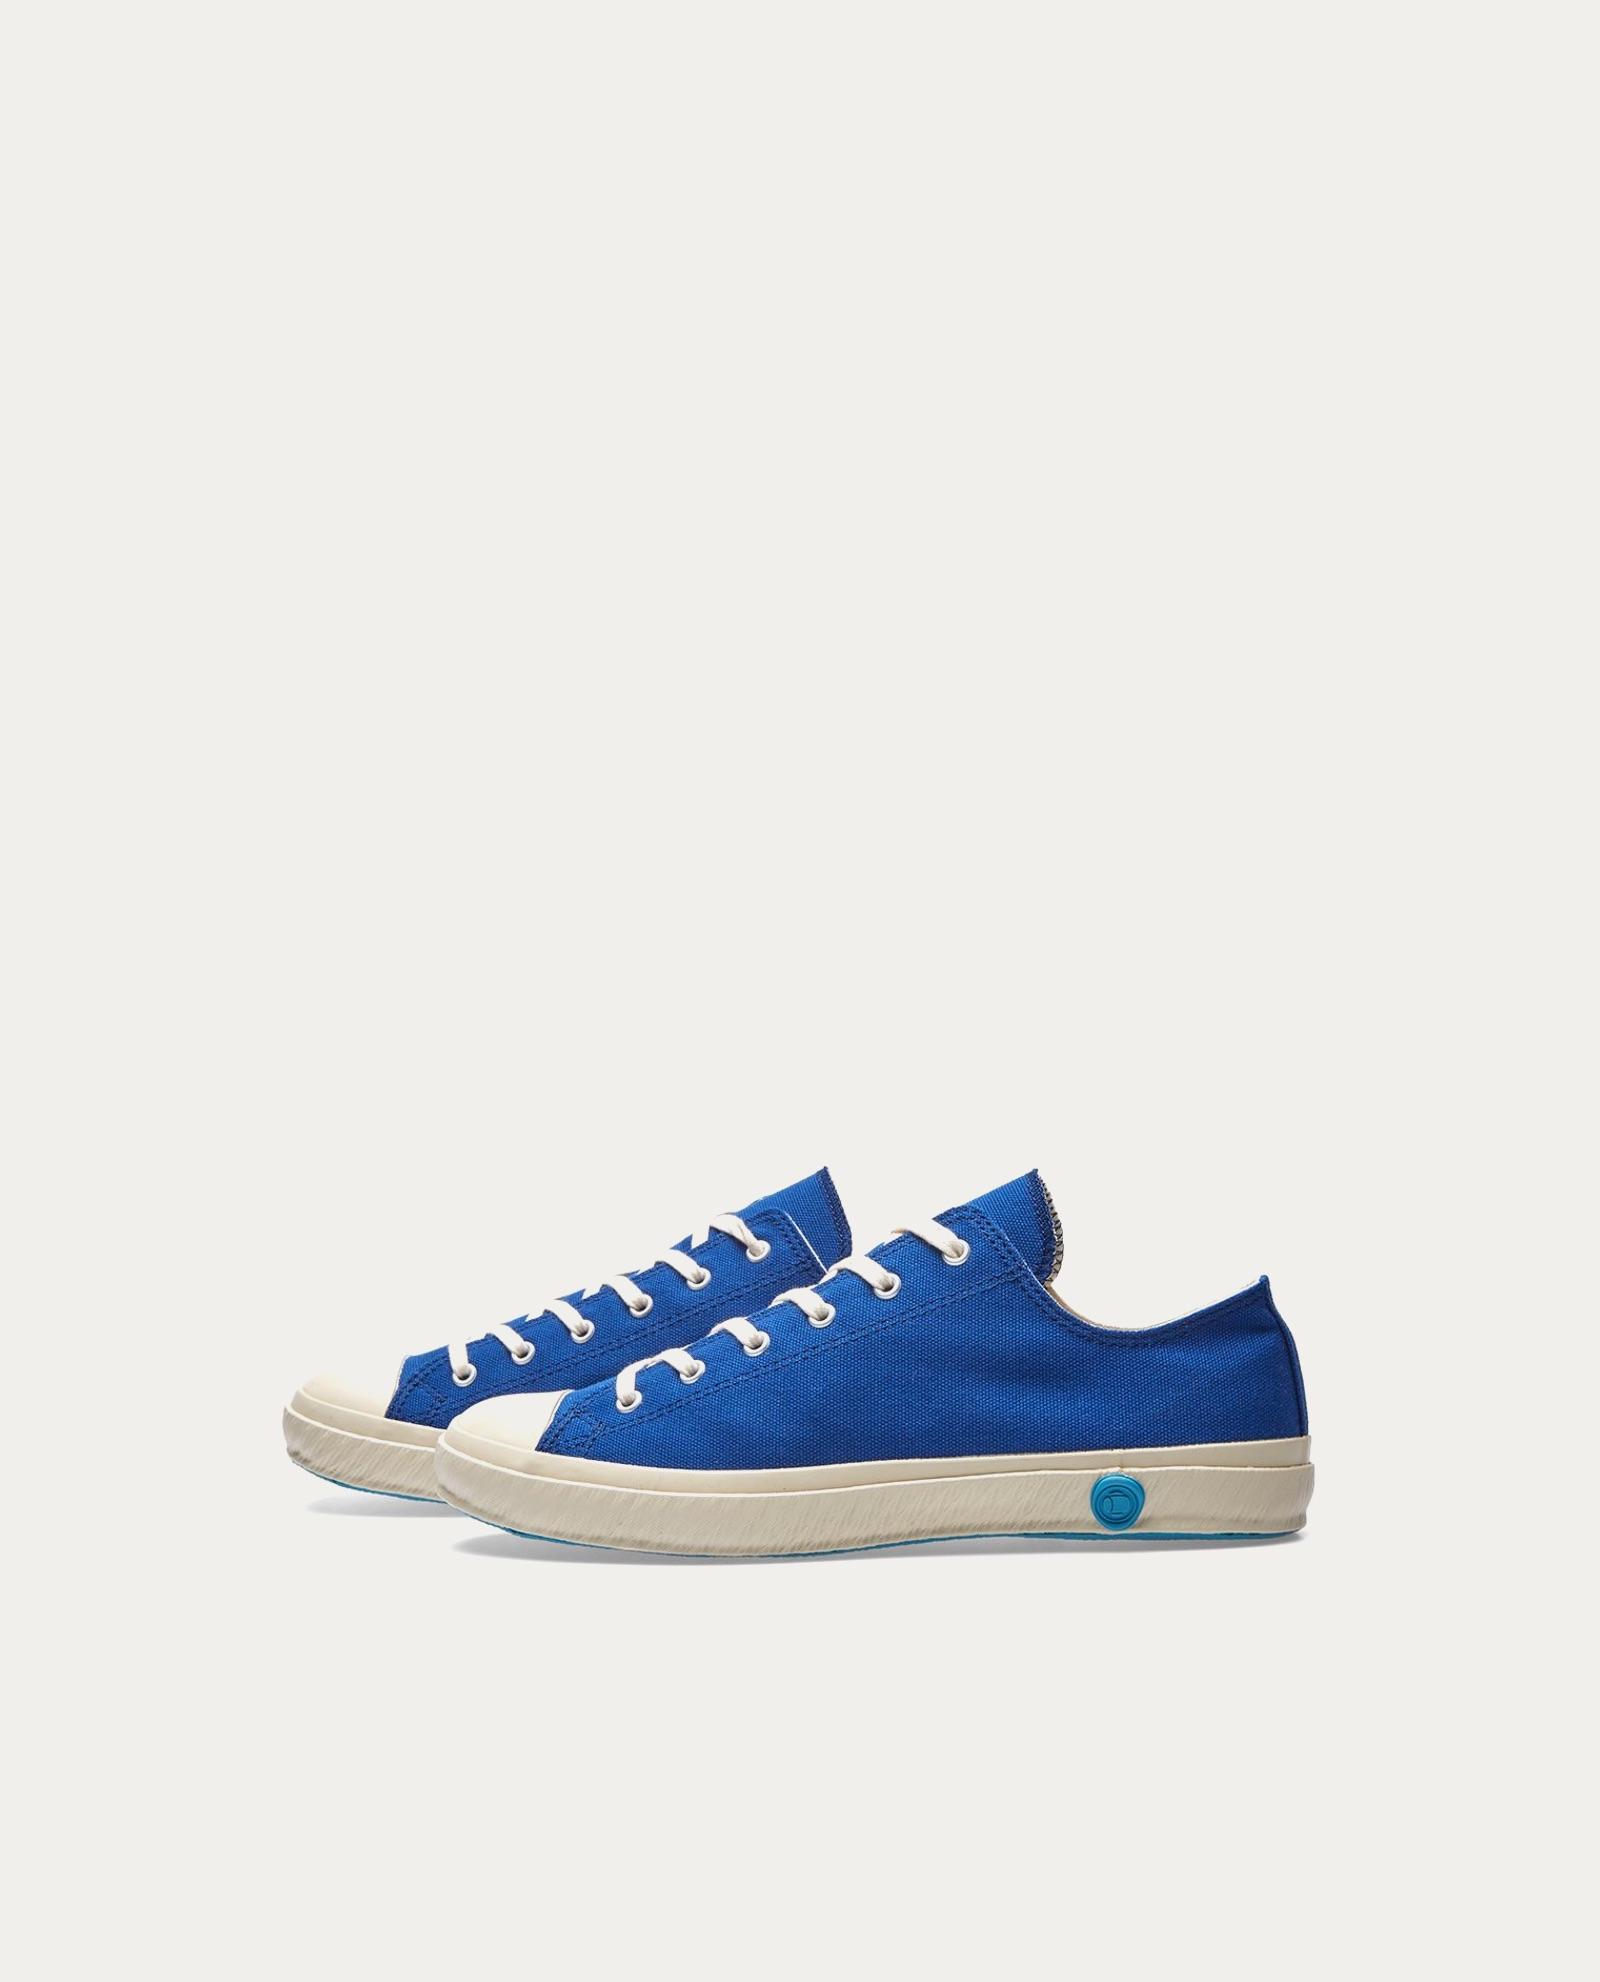 shoes_like_pottery_01jp_low_sneaker_2